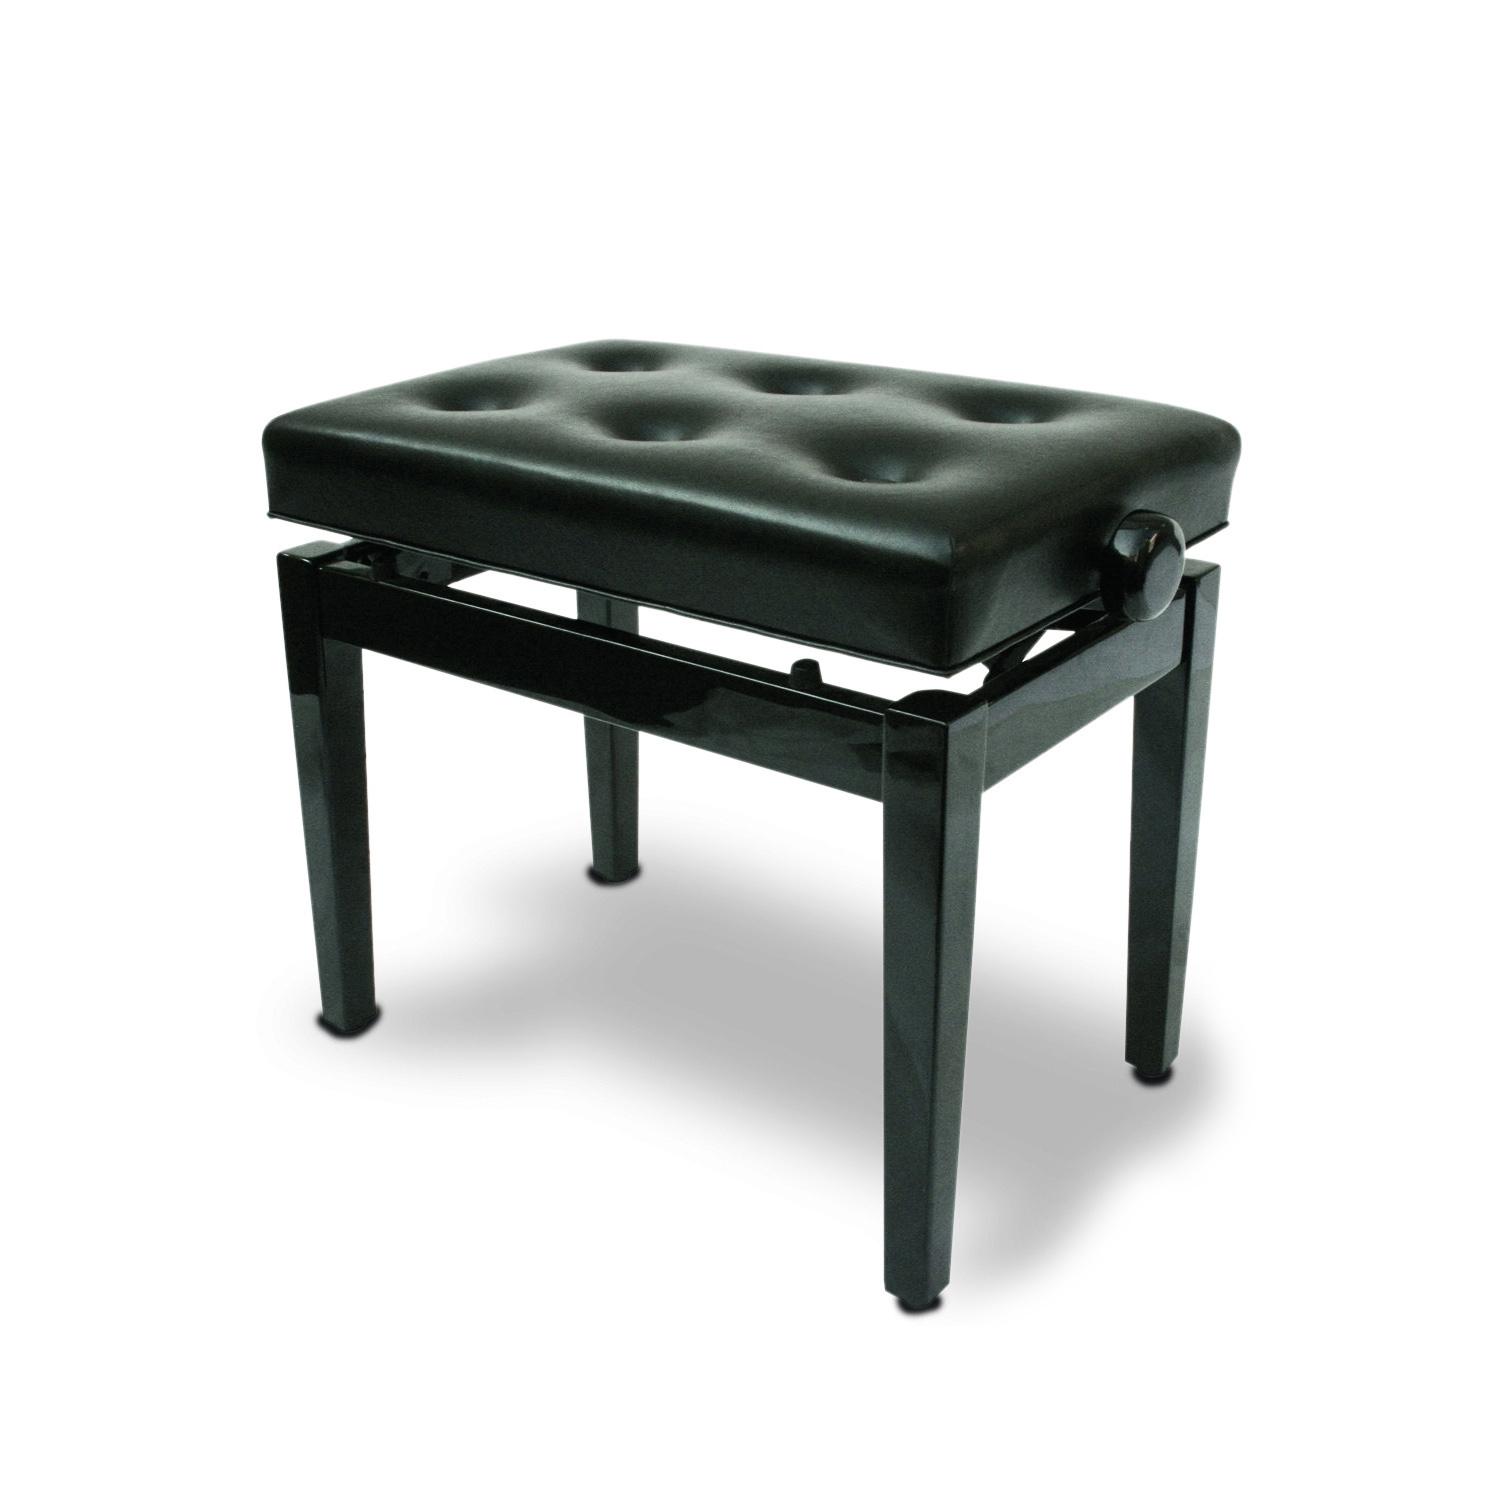 כסא לפסנתר בצבע שחור